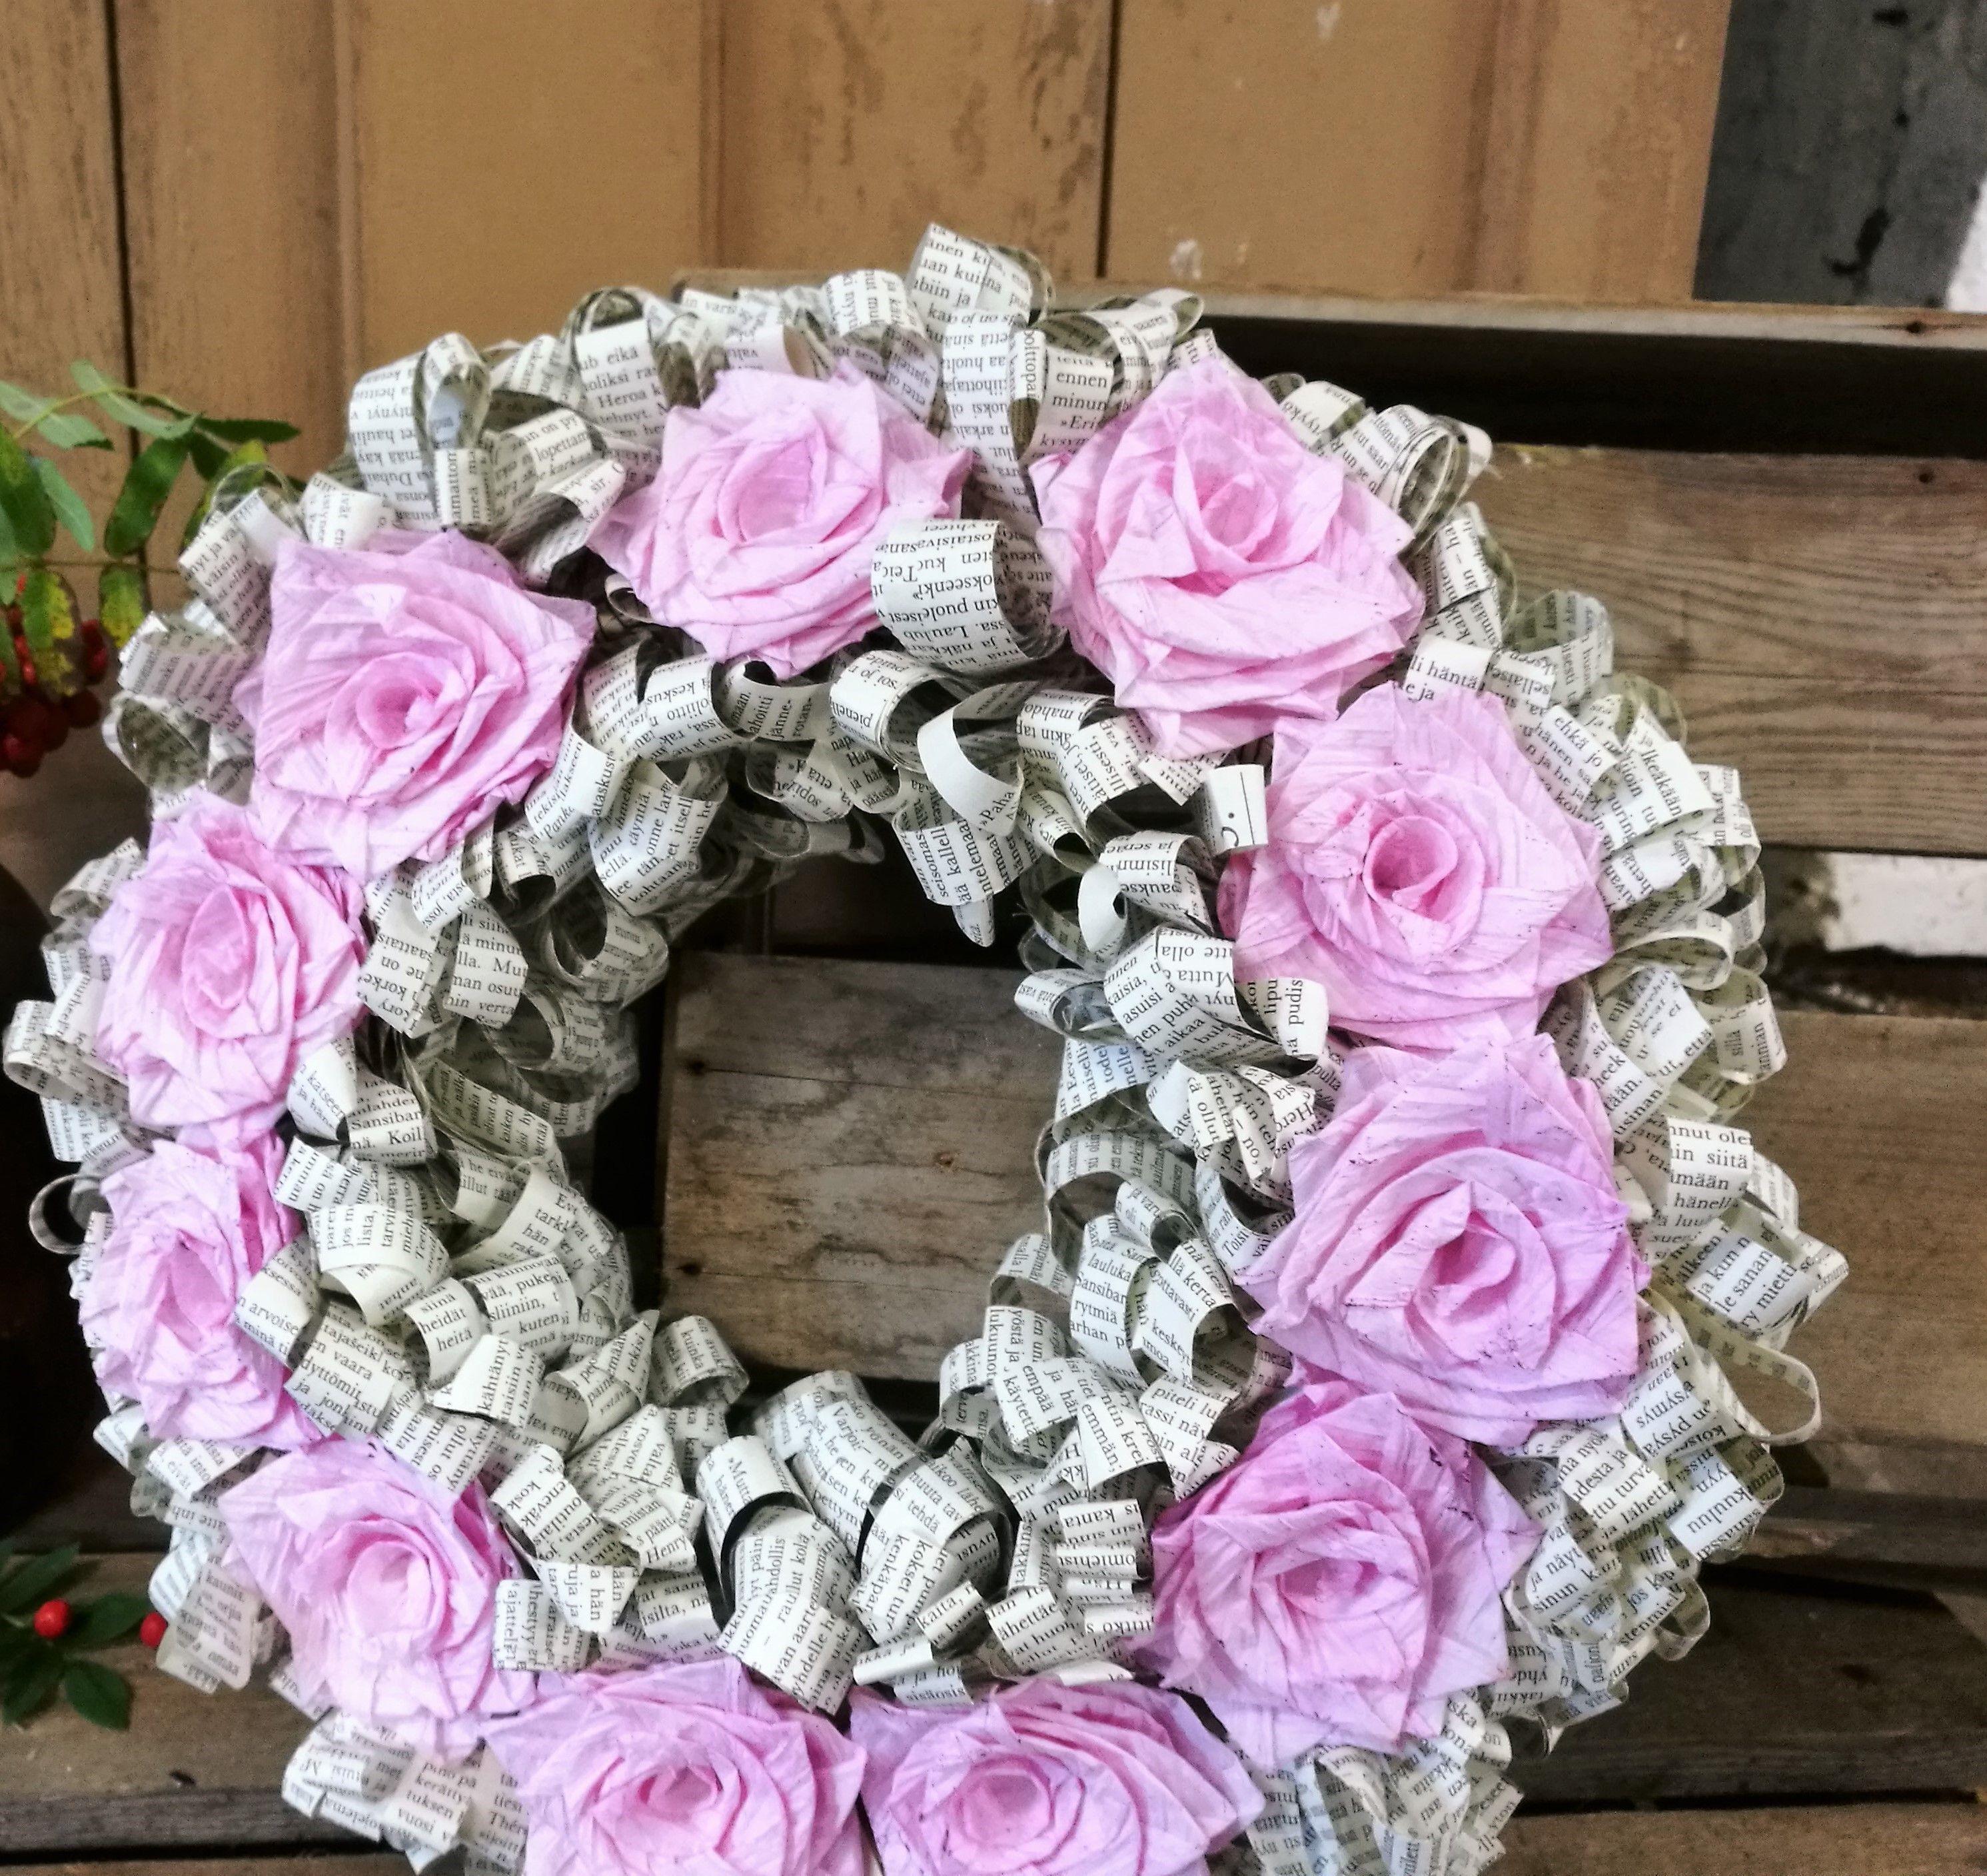 Roseliini: Kirjansivu kranssi, tee se itse, DIY, tarvikepaketti, ruusut, käsityö, askartelu